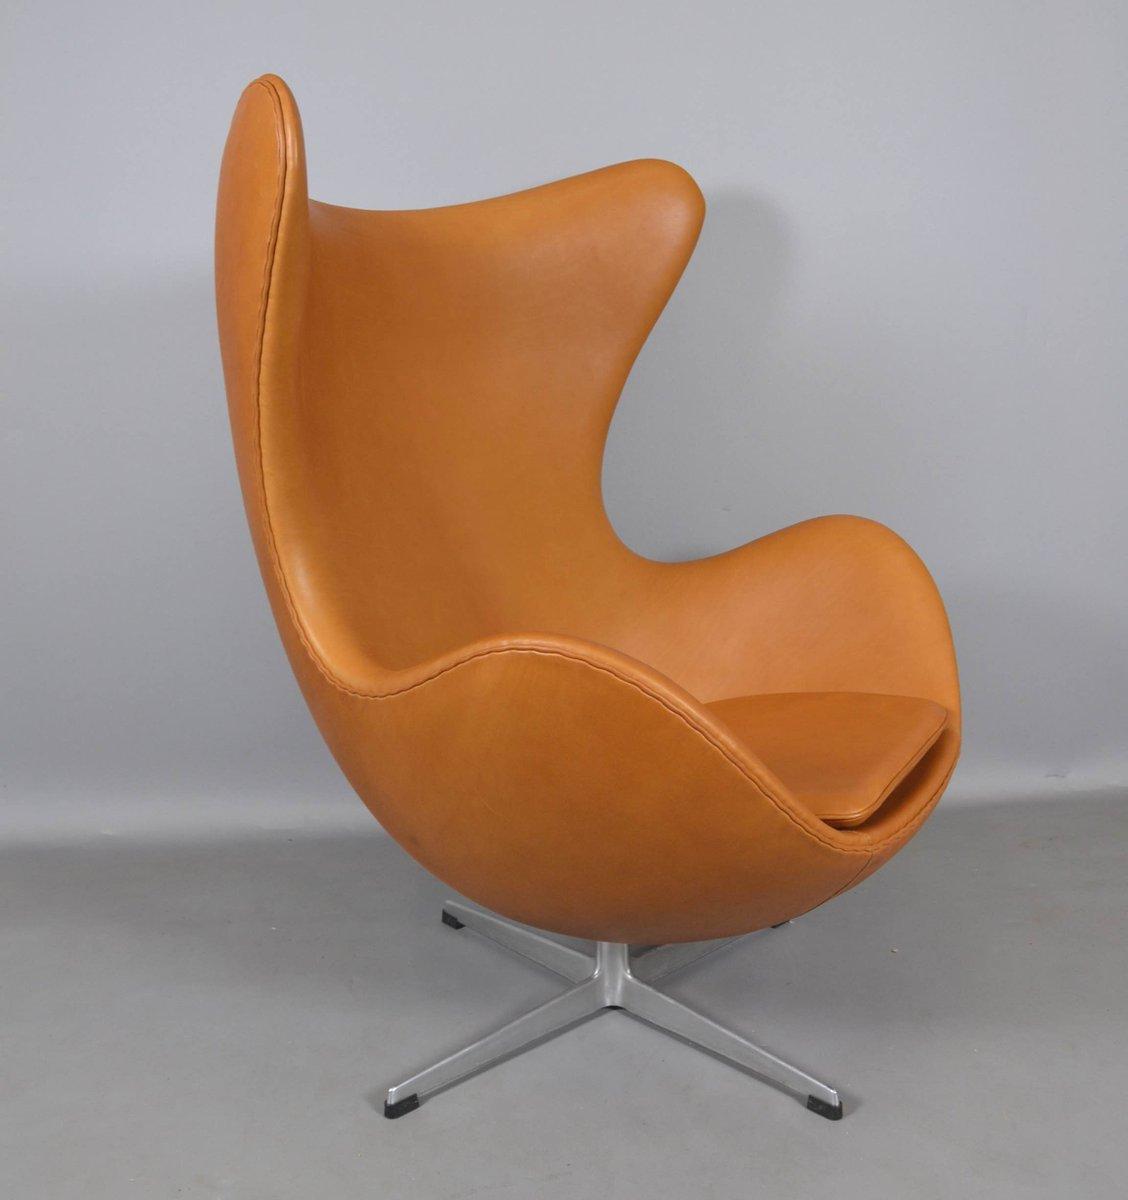 jacobsen egg chair leather sling repair by arne for fritz hansen 1970s